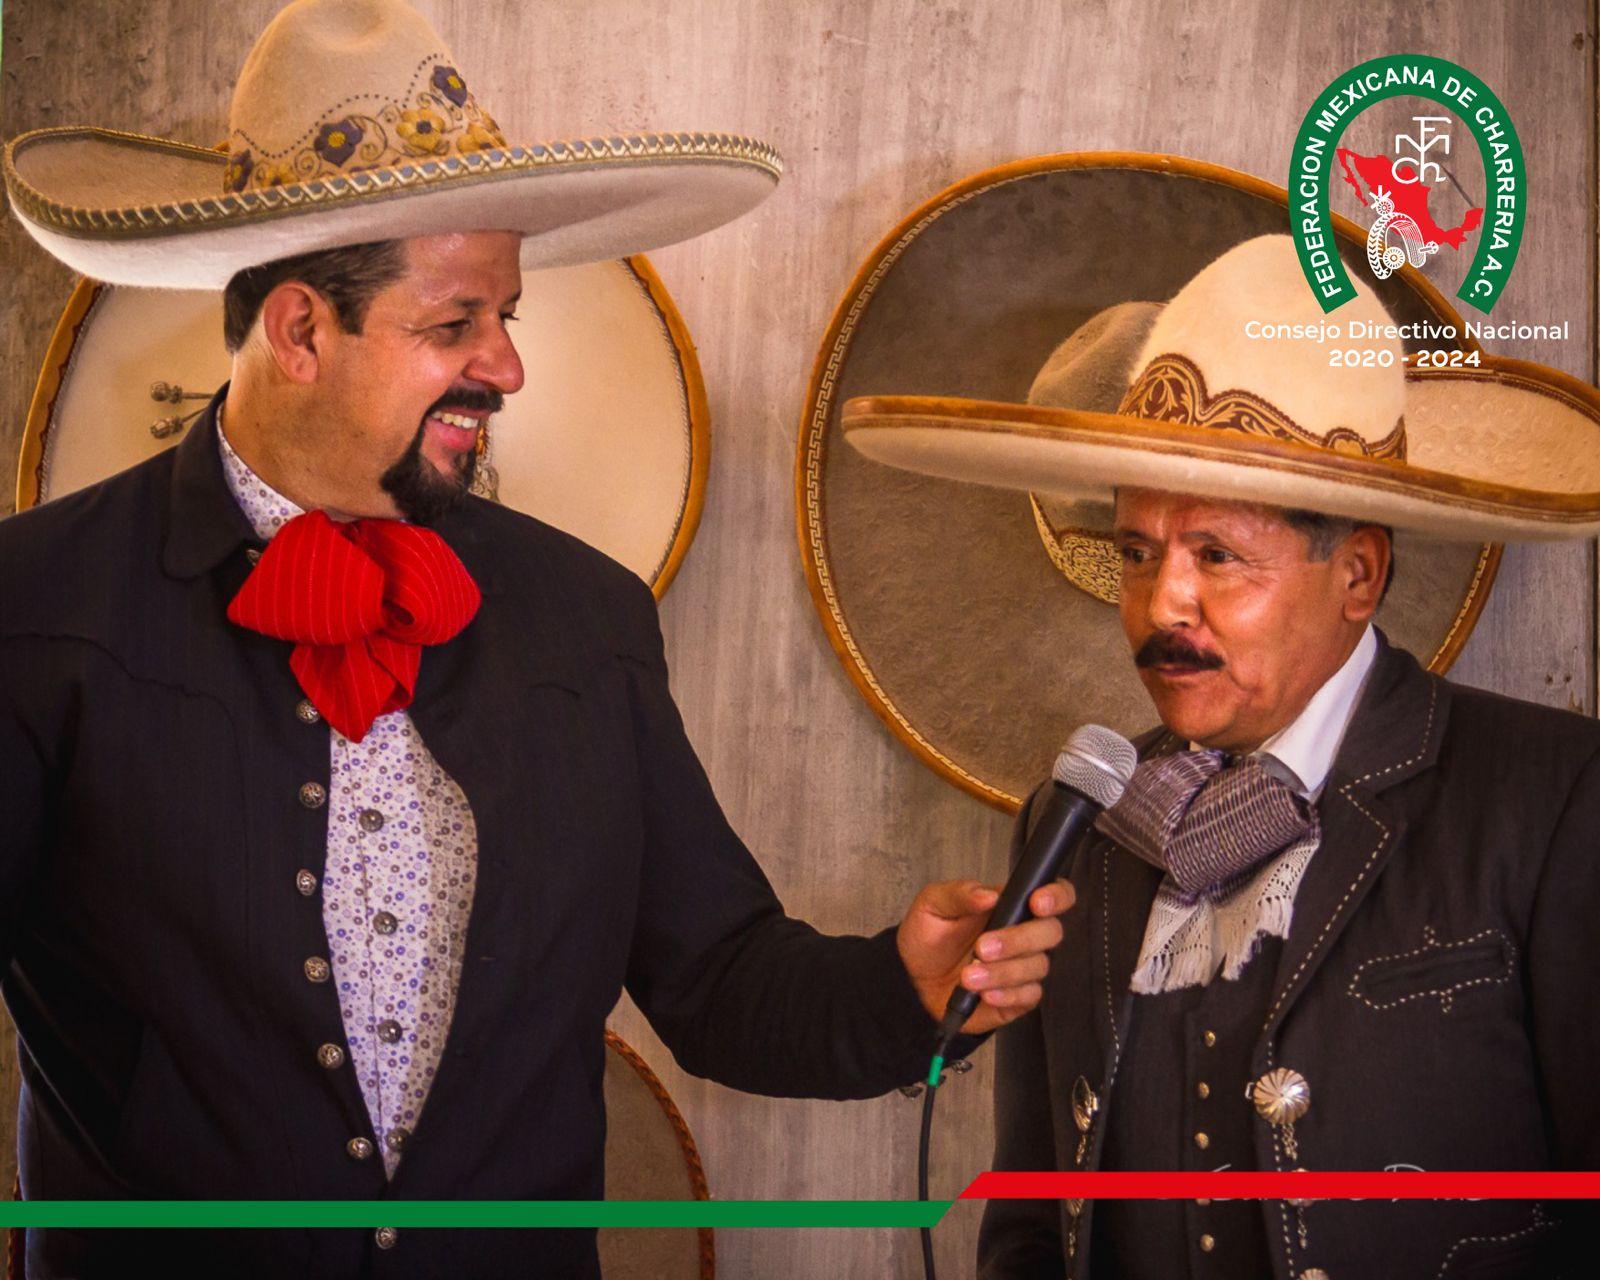 Abel Compirri Diaz Secretario de Prensa y Difusion FMCH entrevistando a Isidro Aguilar Coordinador Nacional de Charros Mayores